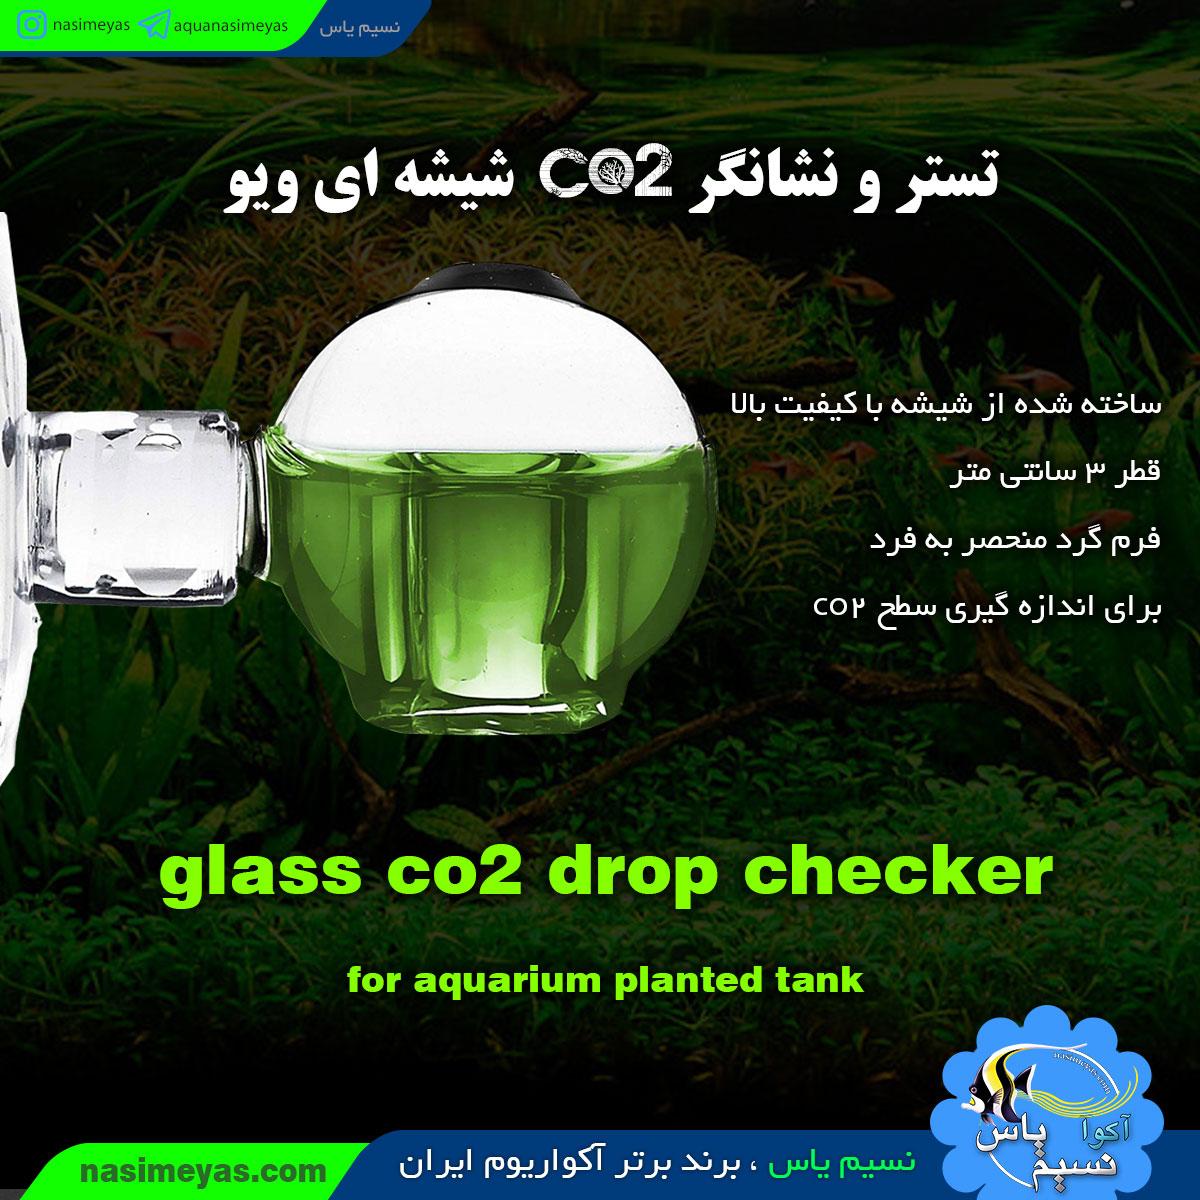 ViV glass co2 Drop checker